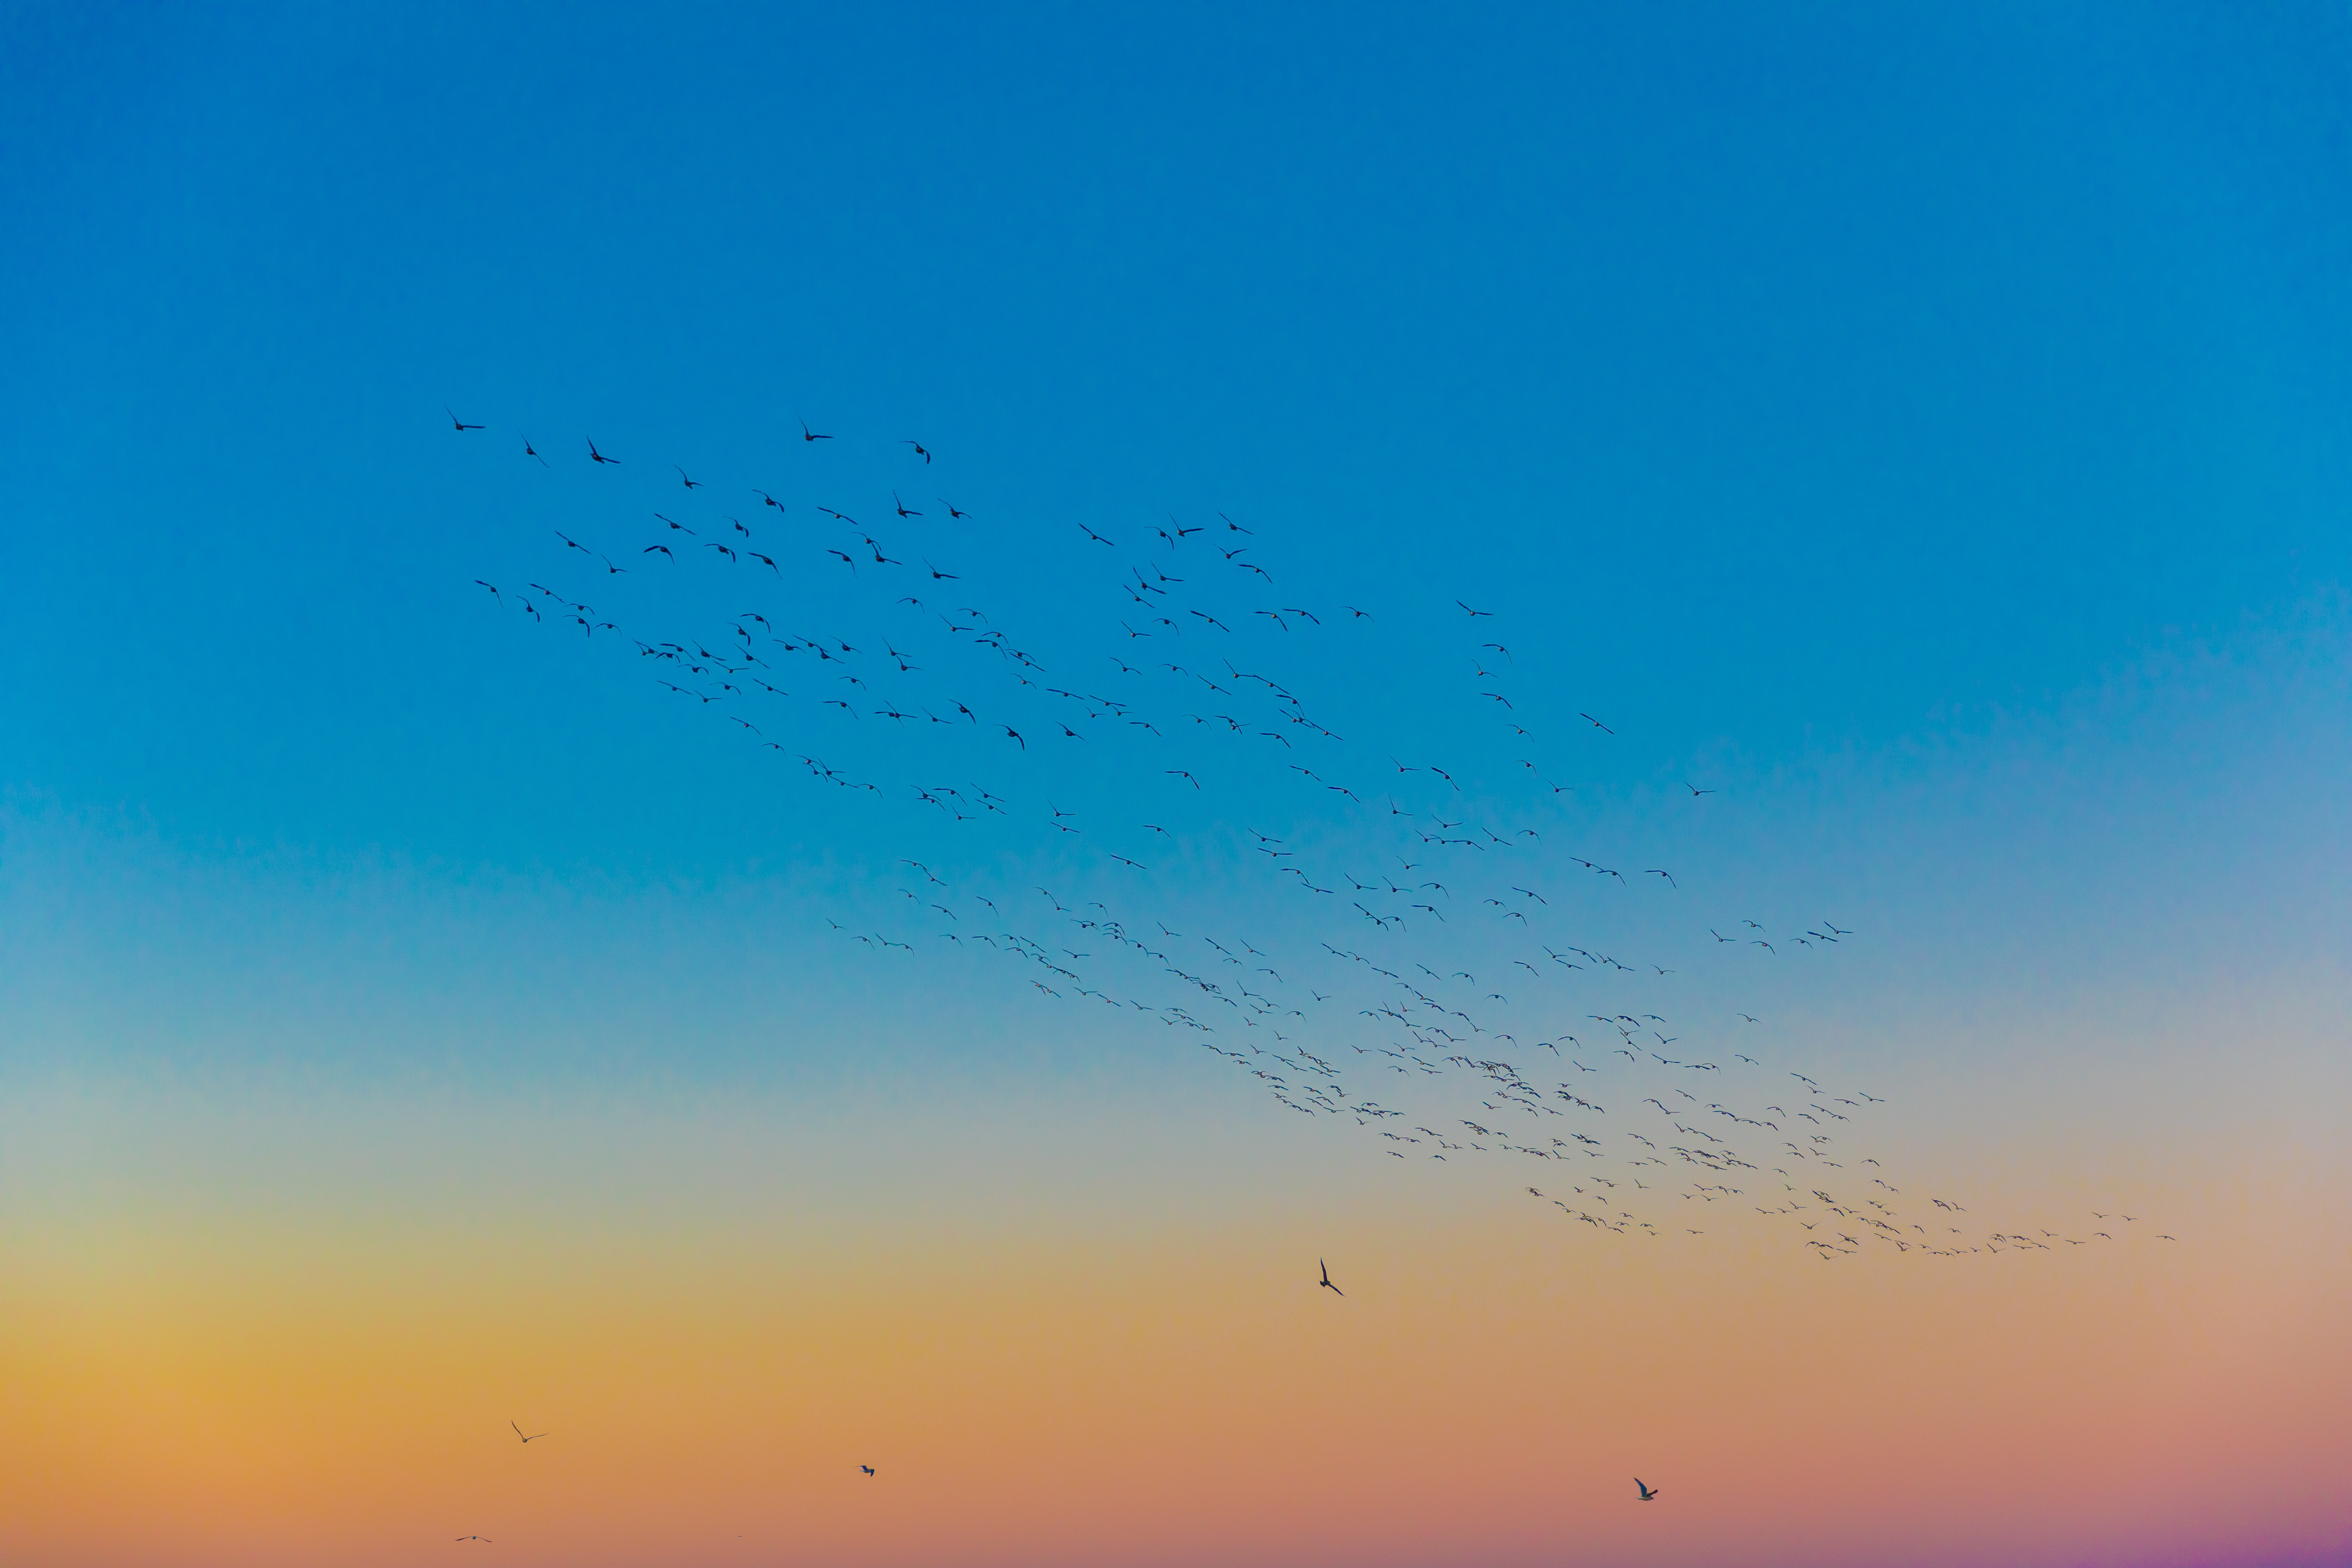 flight of birds soaring above air